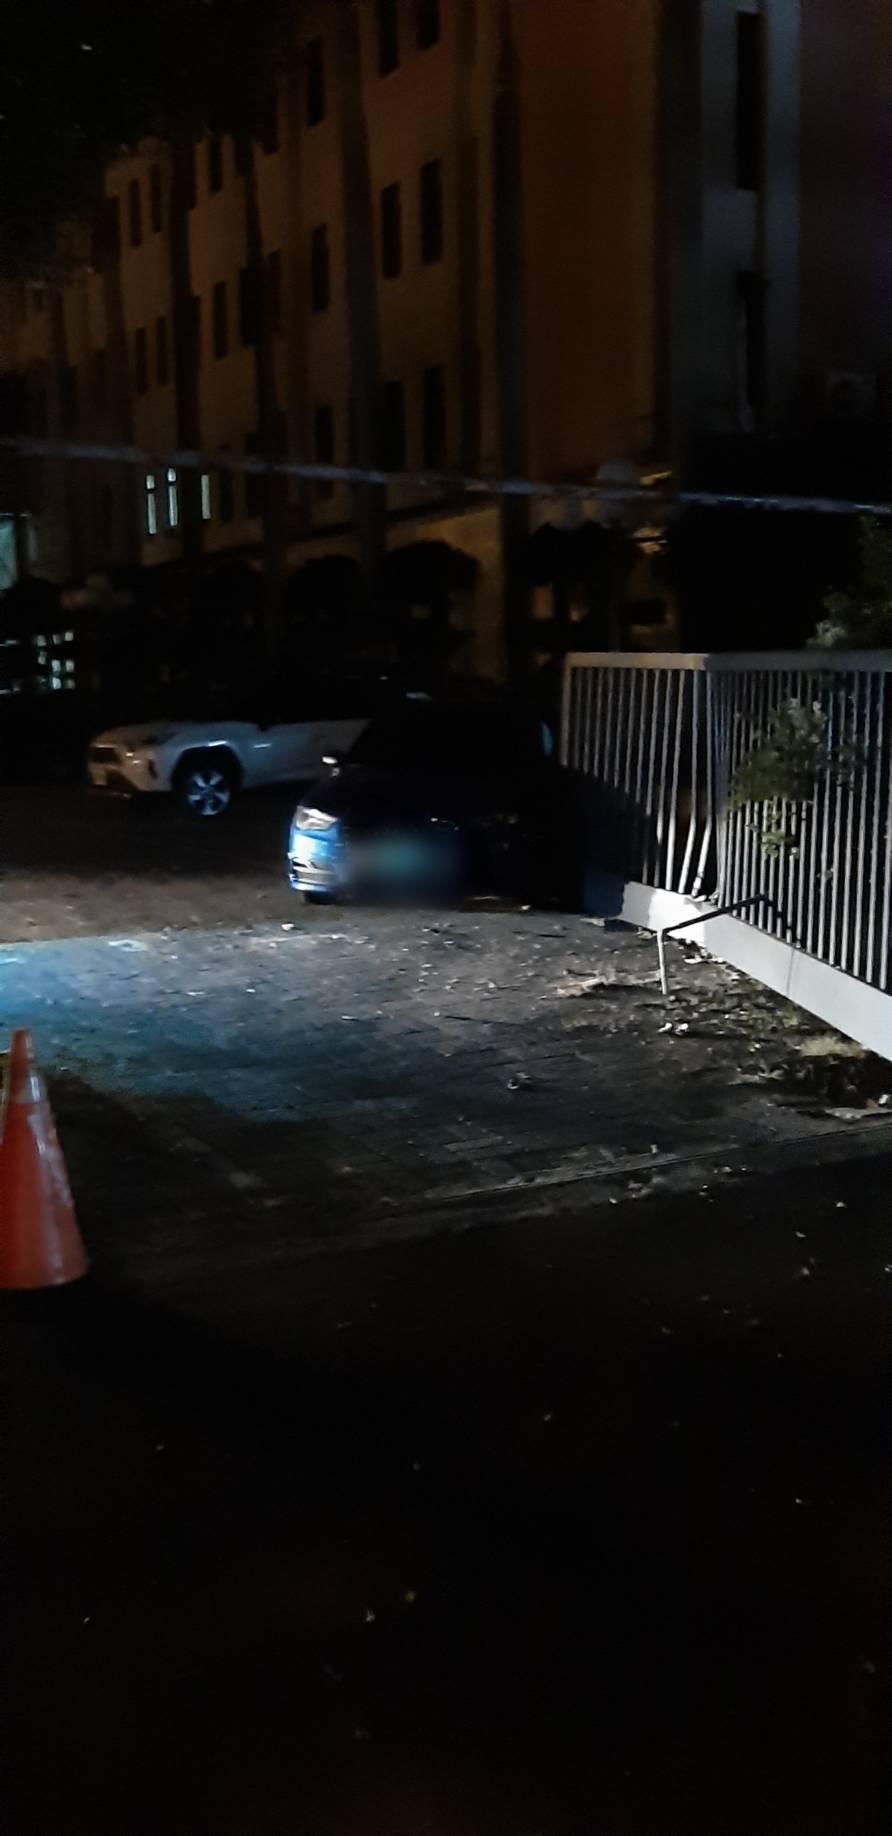 台中市張姓男子今天凌晨3時許酒駕,行經西屯區大隆路時,衝撞市警局位於大隆路側的鐵...